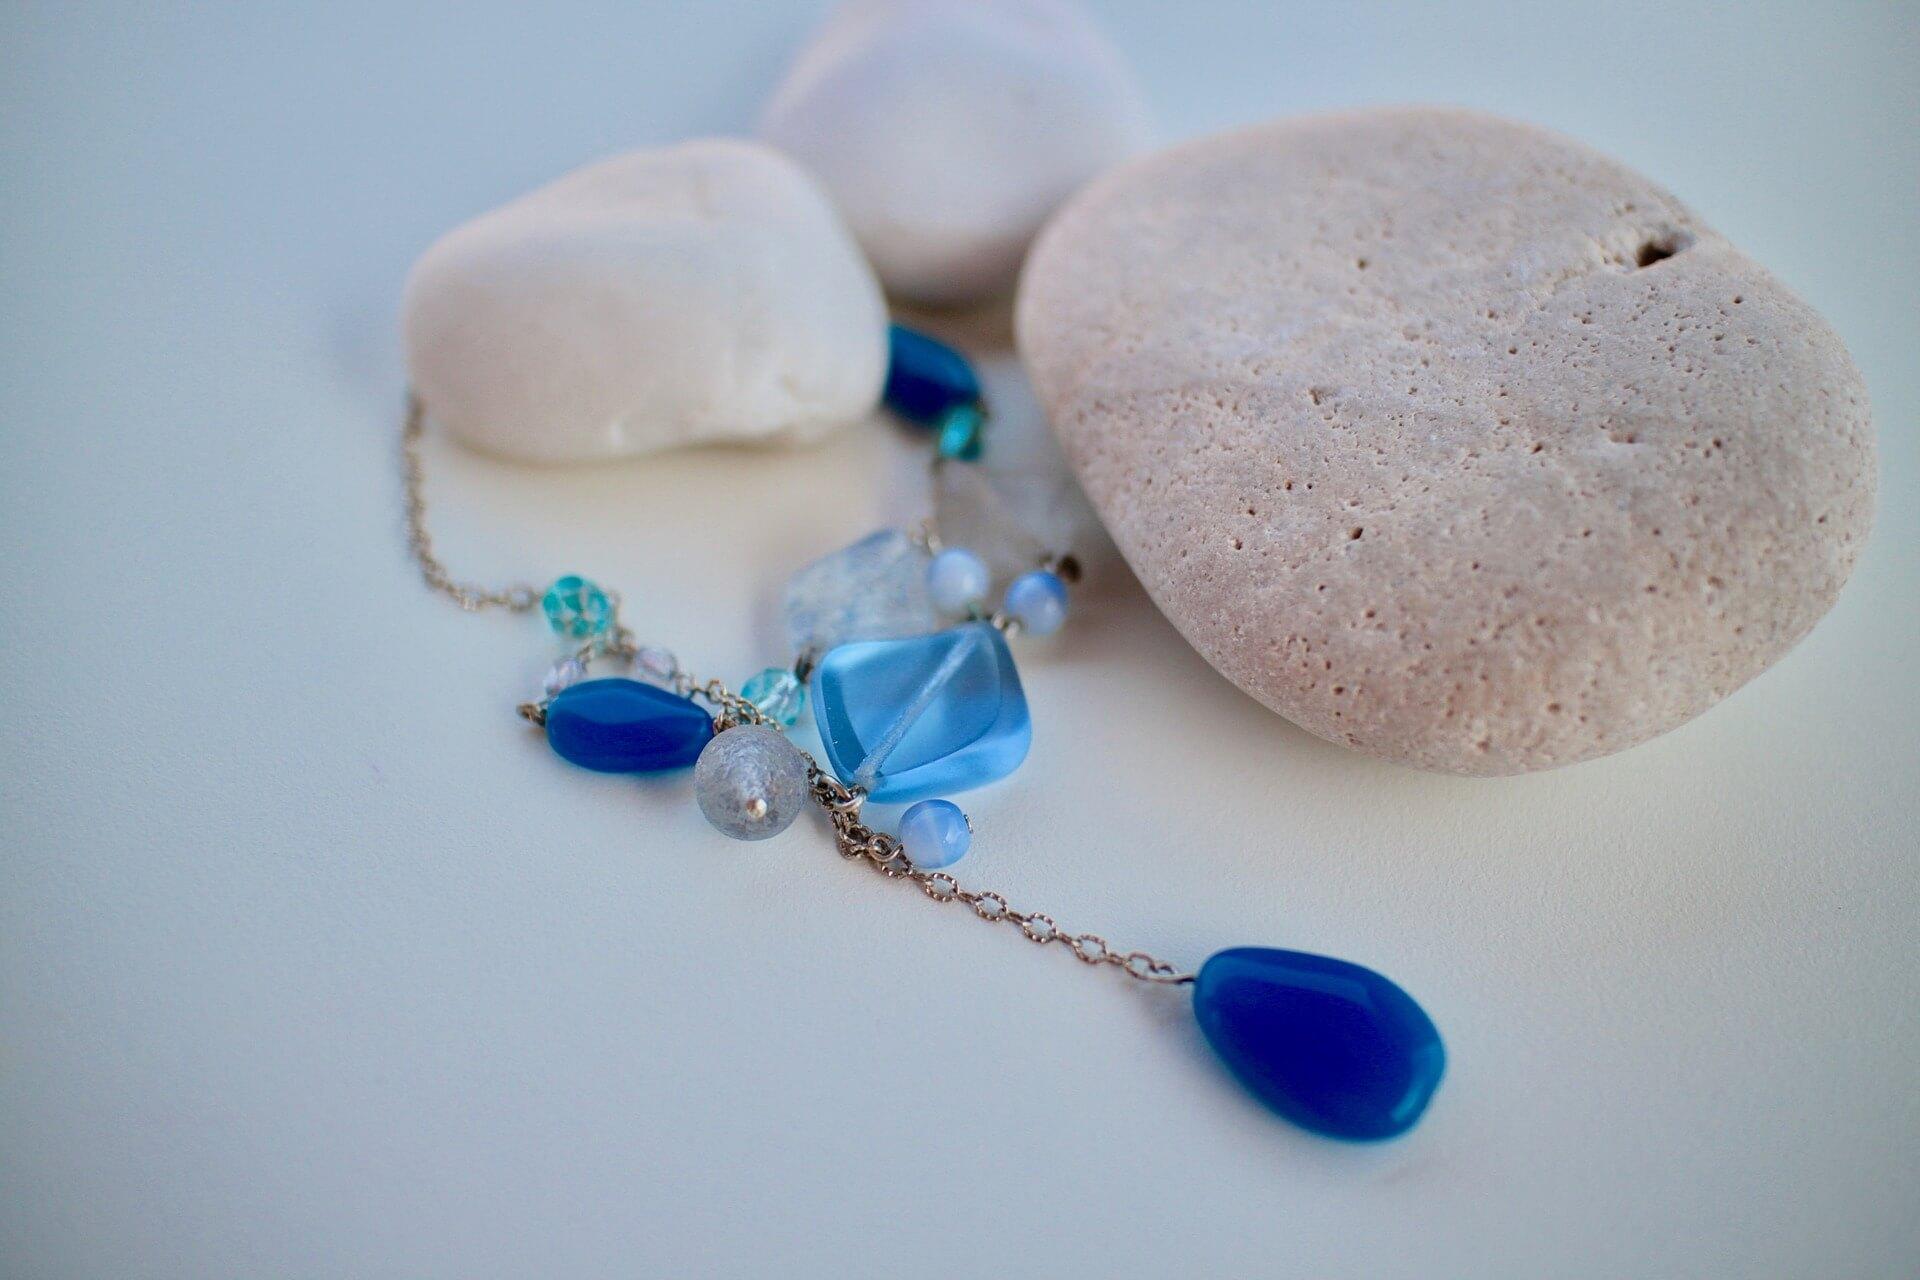 Pietre semipretioase de culoare albastra – Lapis lazuli, topaz, turcoaz, sodalit